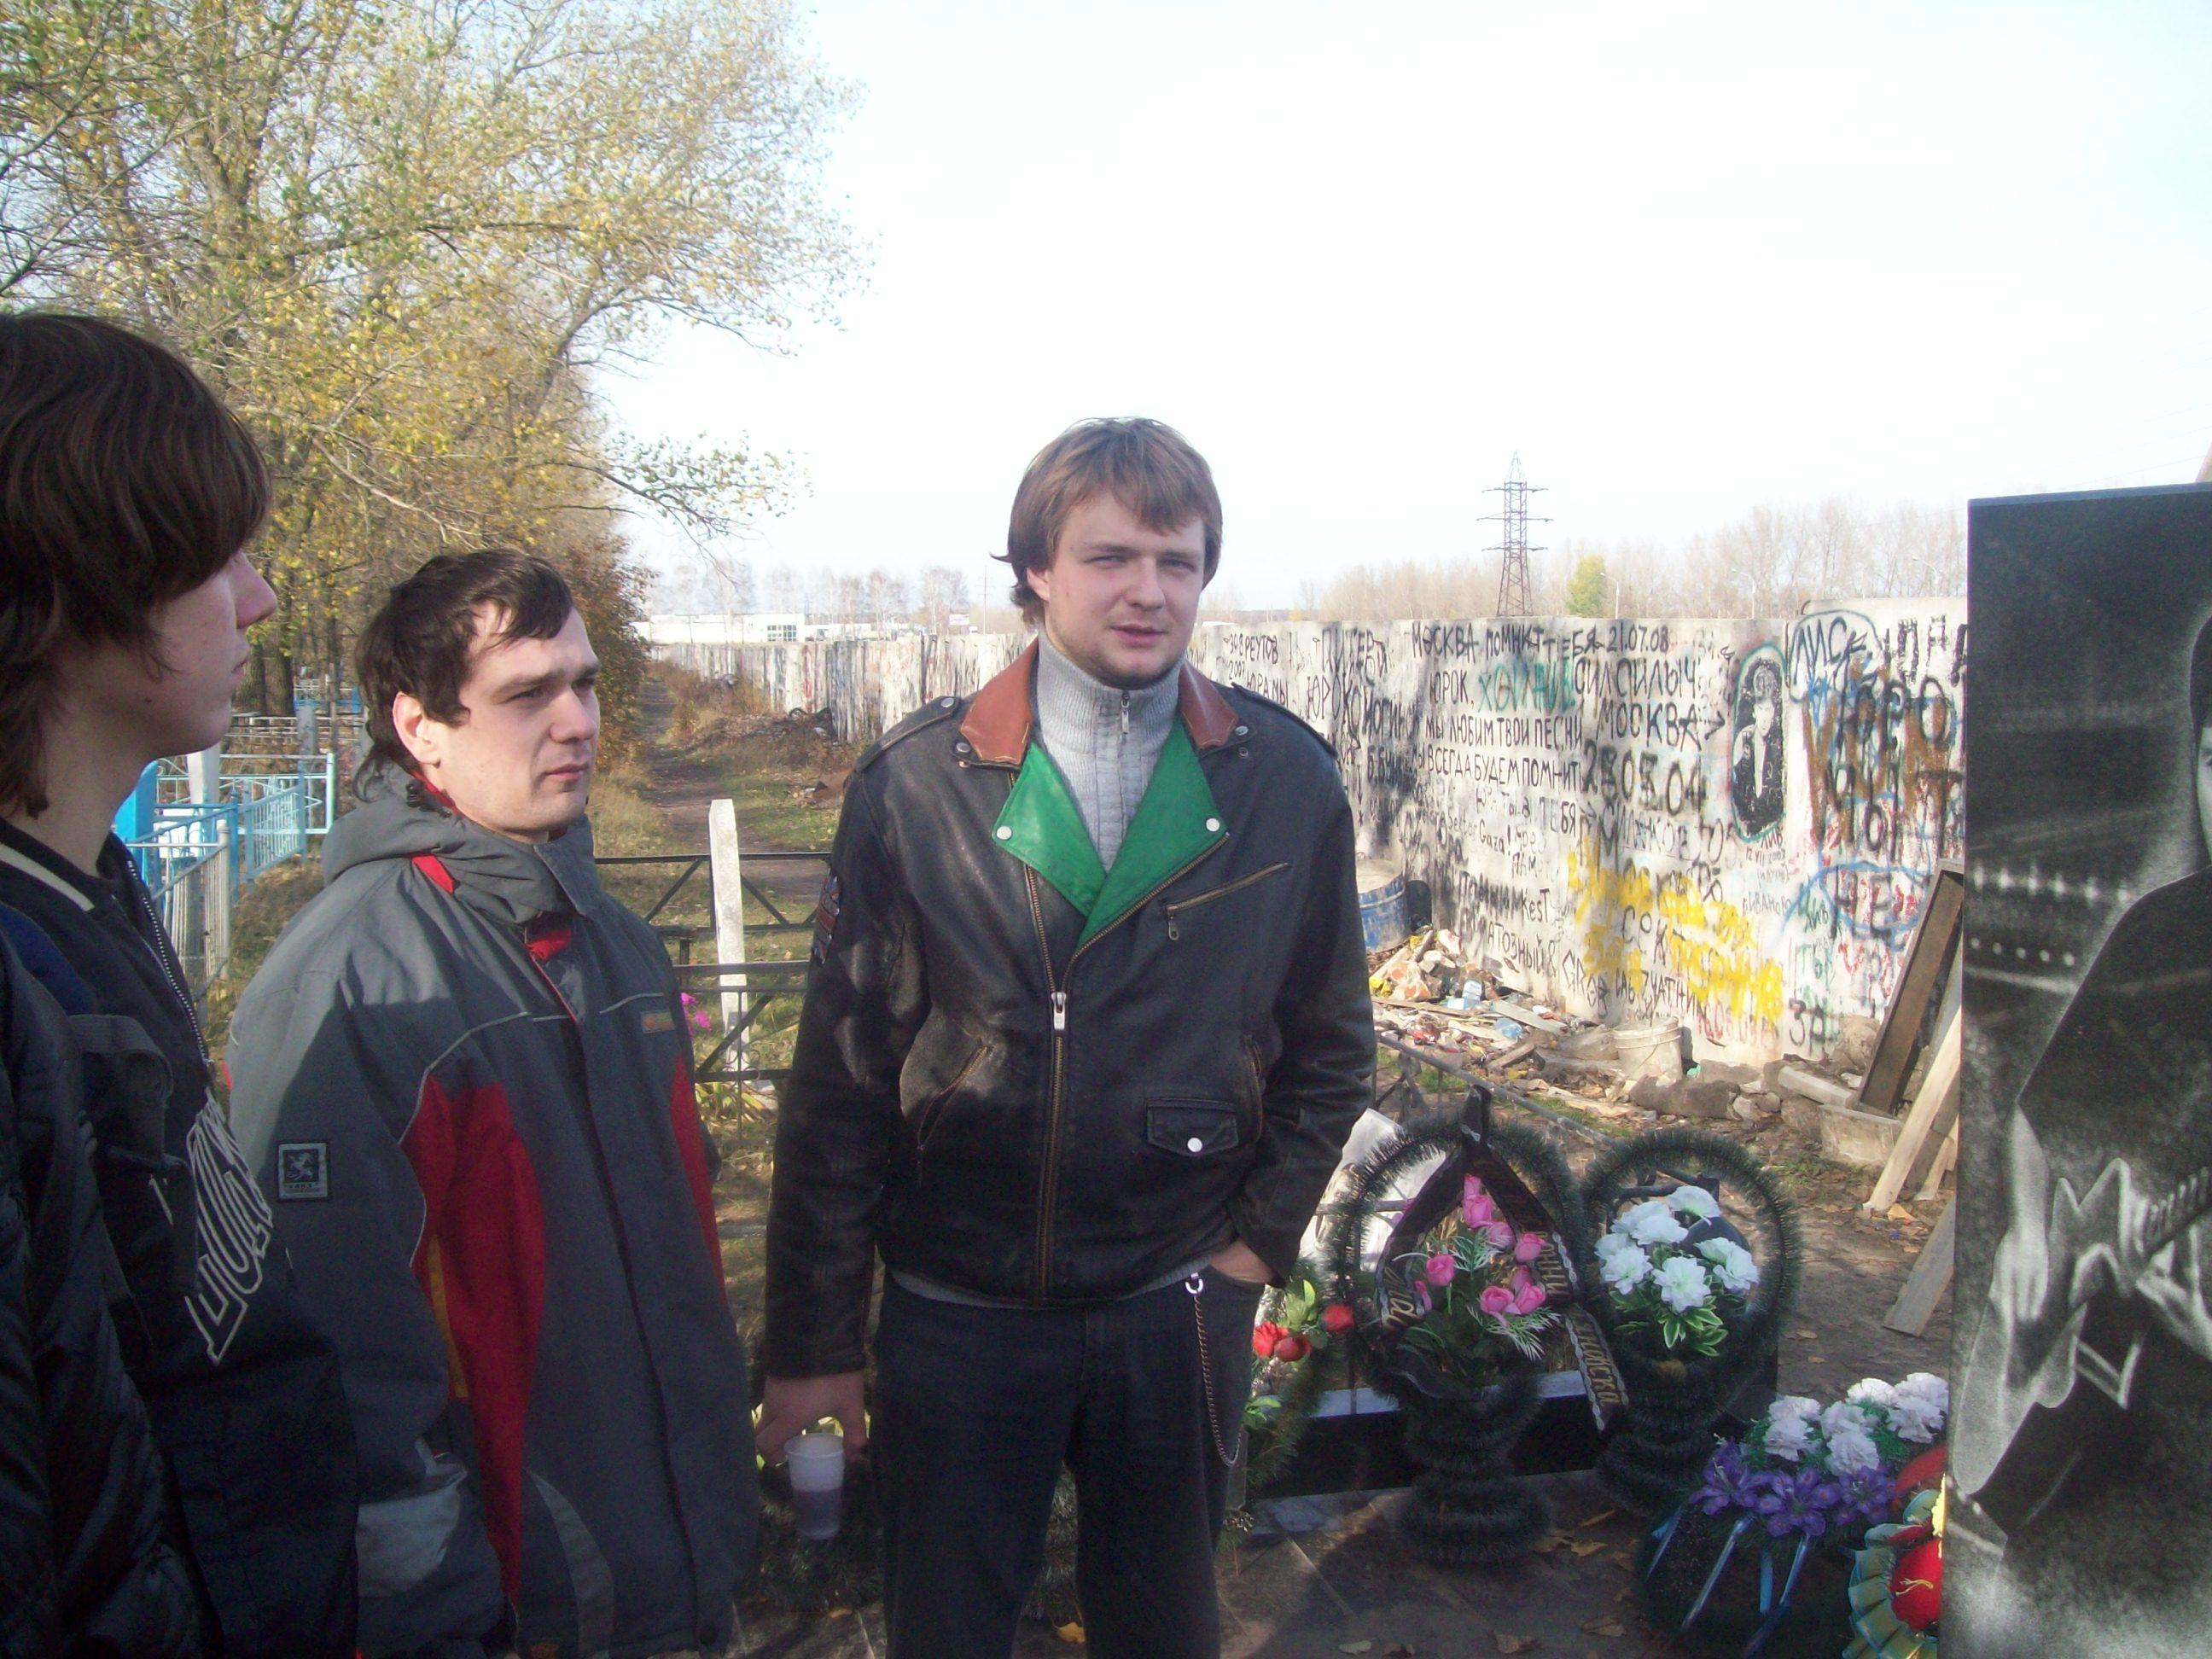 На кладбище у могилы Хоя (Сектор Газа) - седьмая фотография